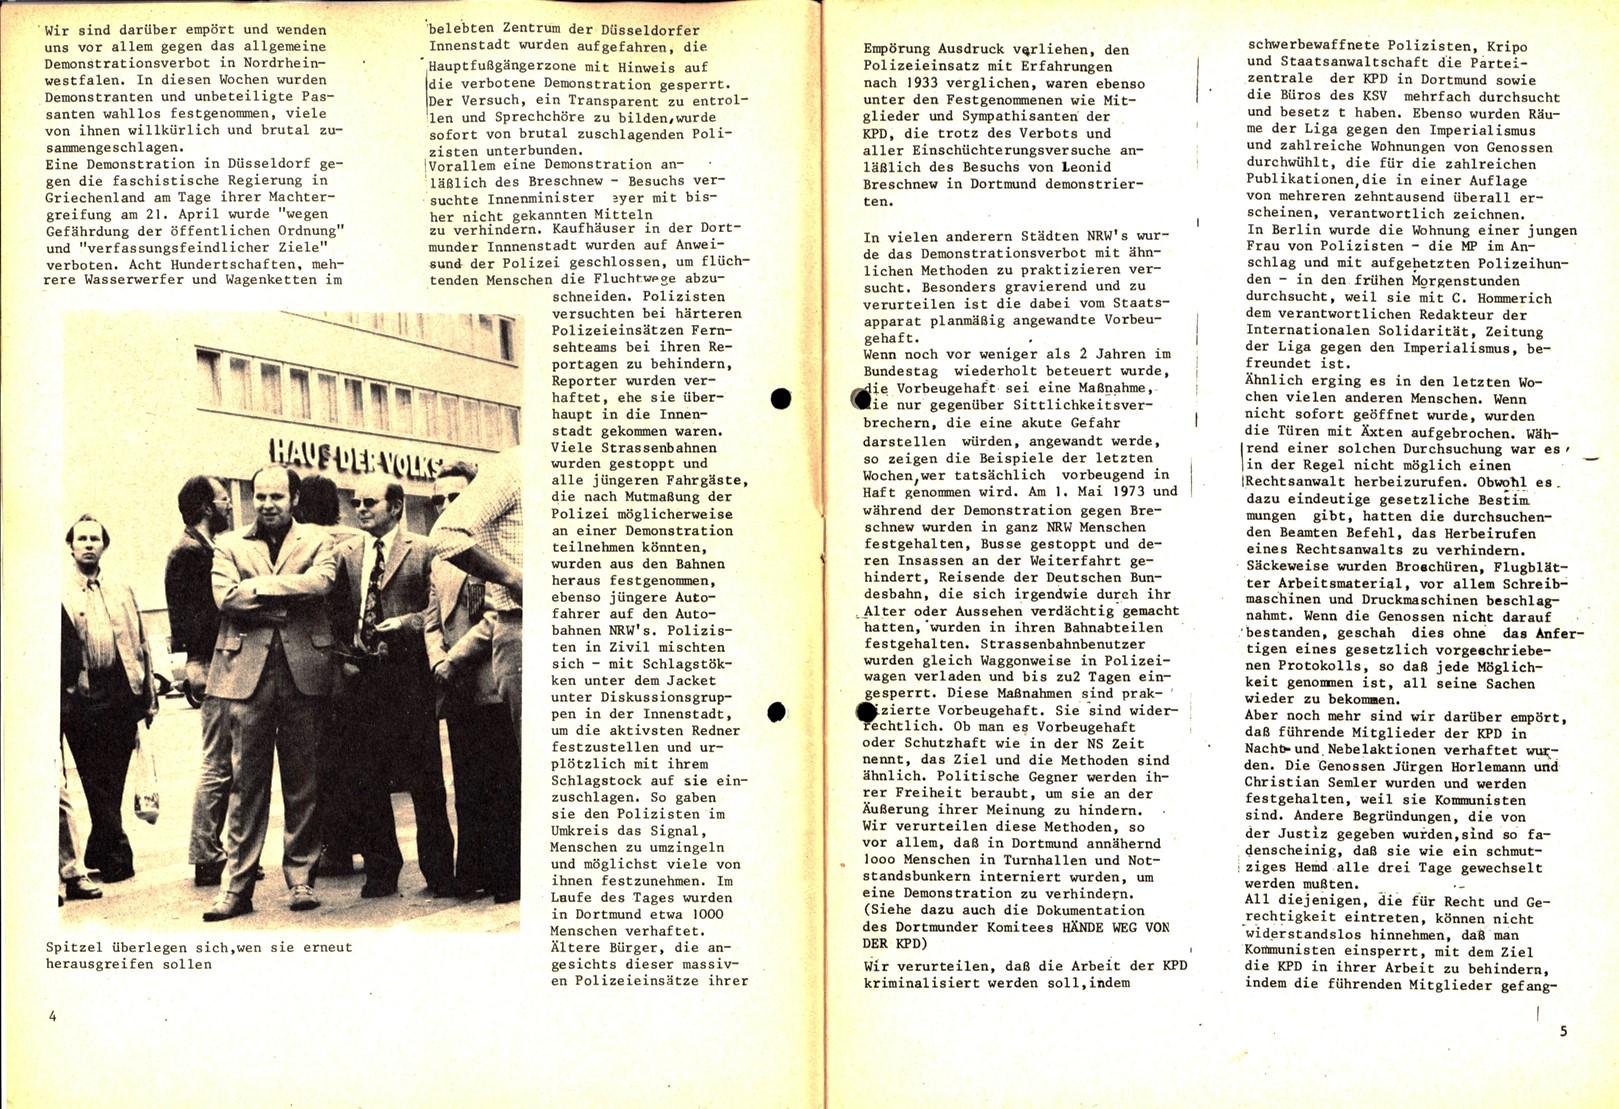 Komitee_Haende_weg_von_der_KPD_1973_Polizeijournalismus_03